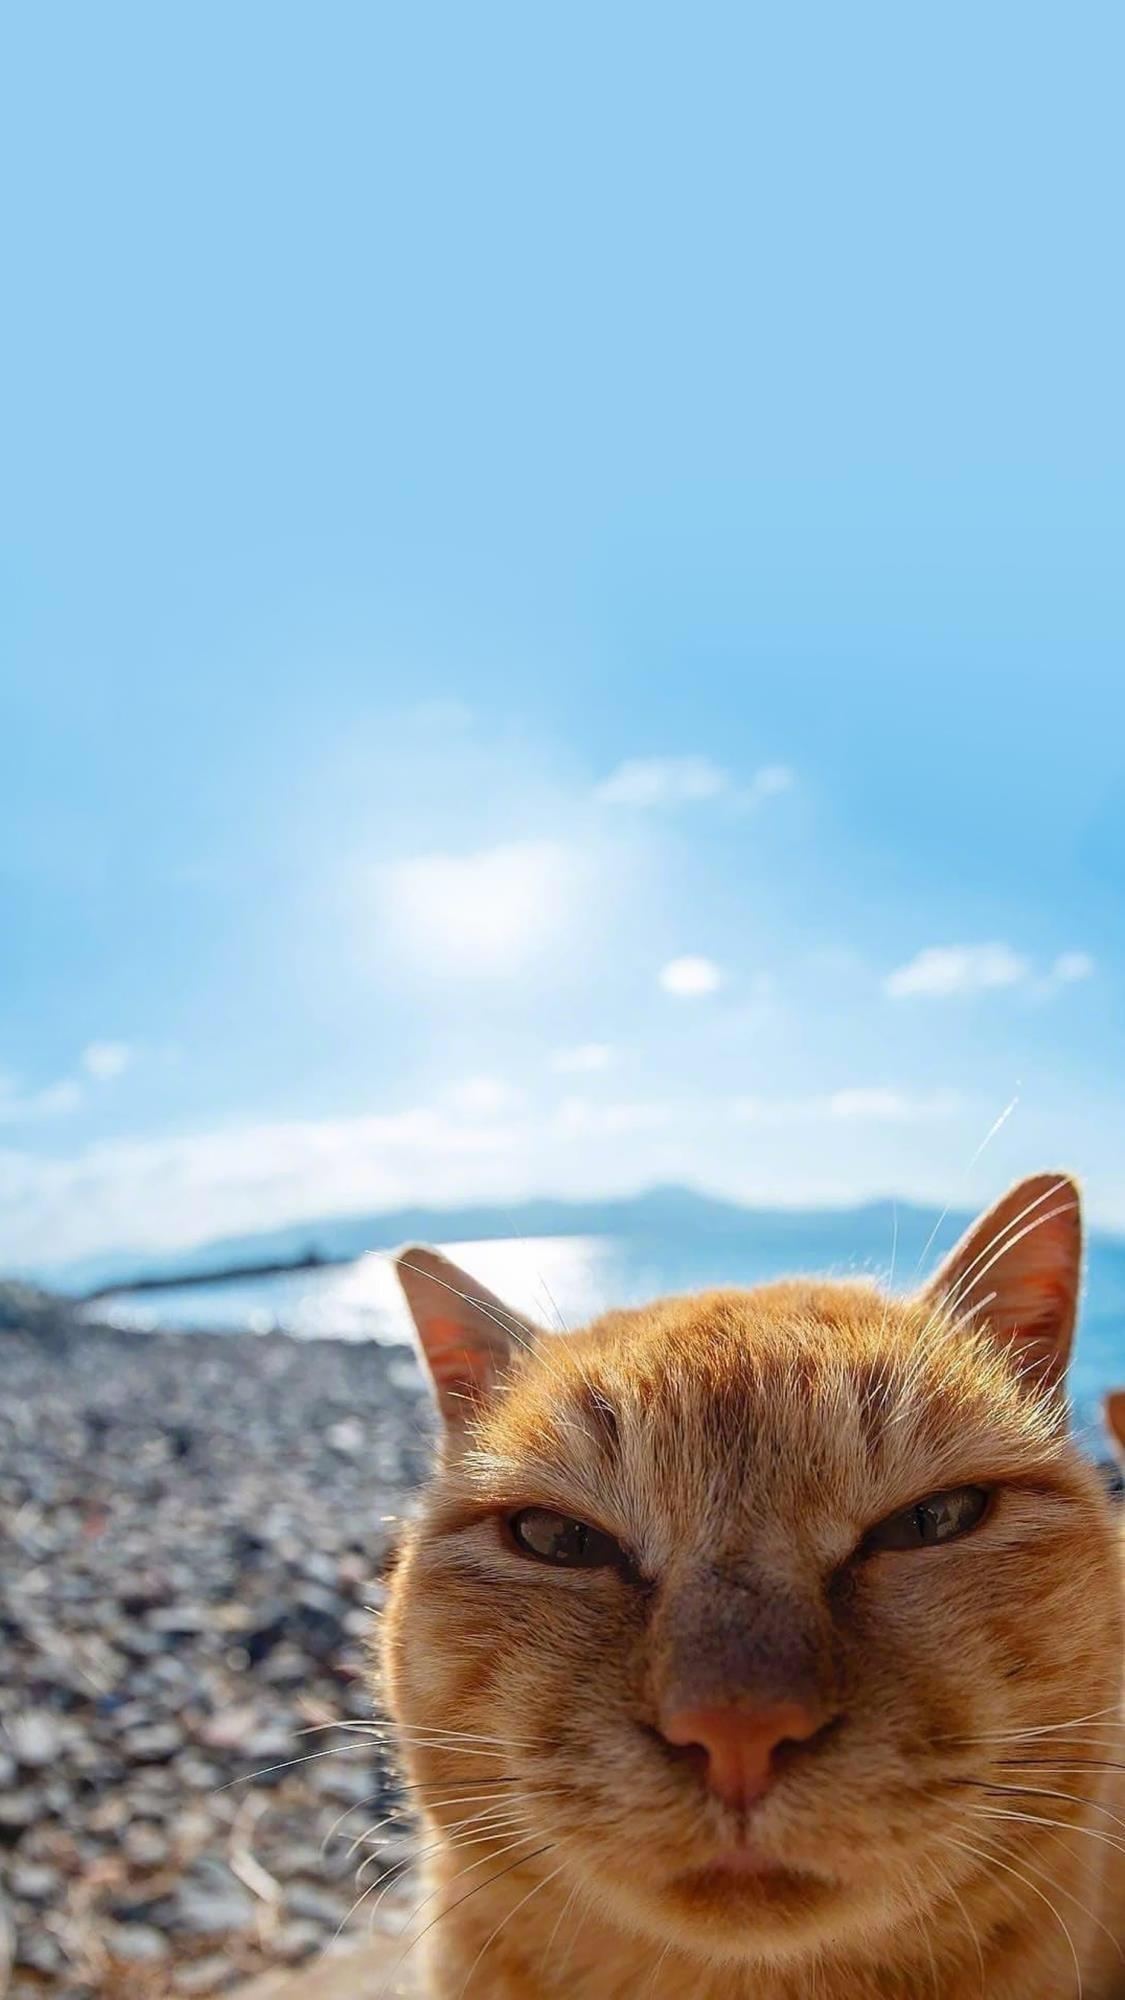 萌猫猫片,霸气喵星人:谁敢挡道?插图11